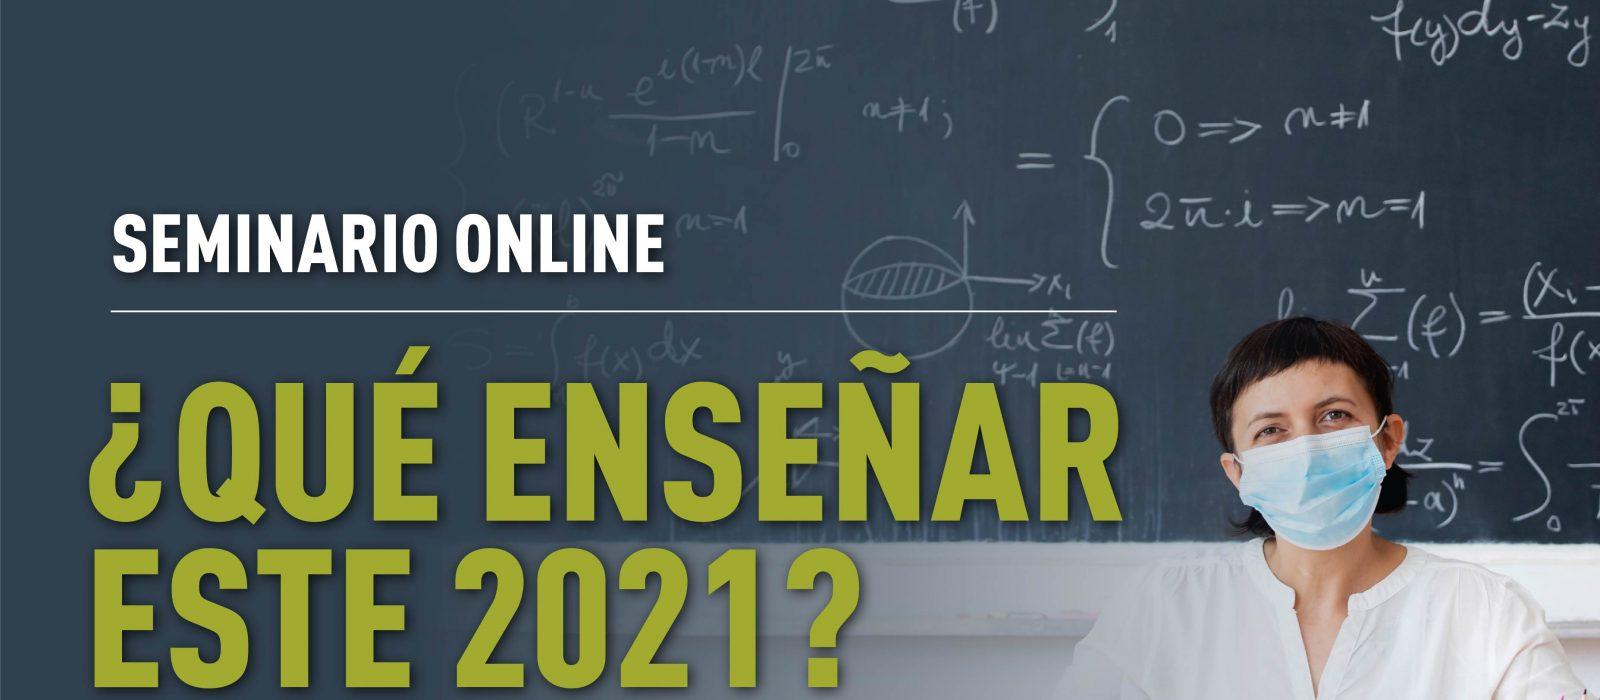 Seminario Online: ¿Qué enseñar este 2021? ¡Inscríbete aquí!